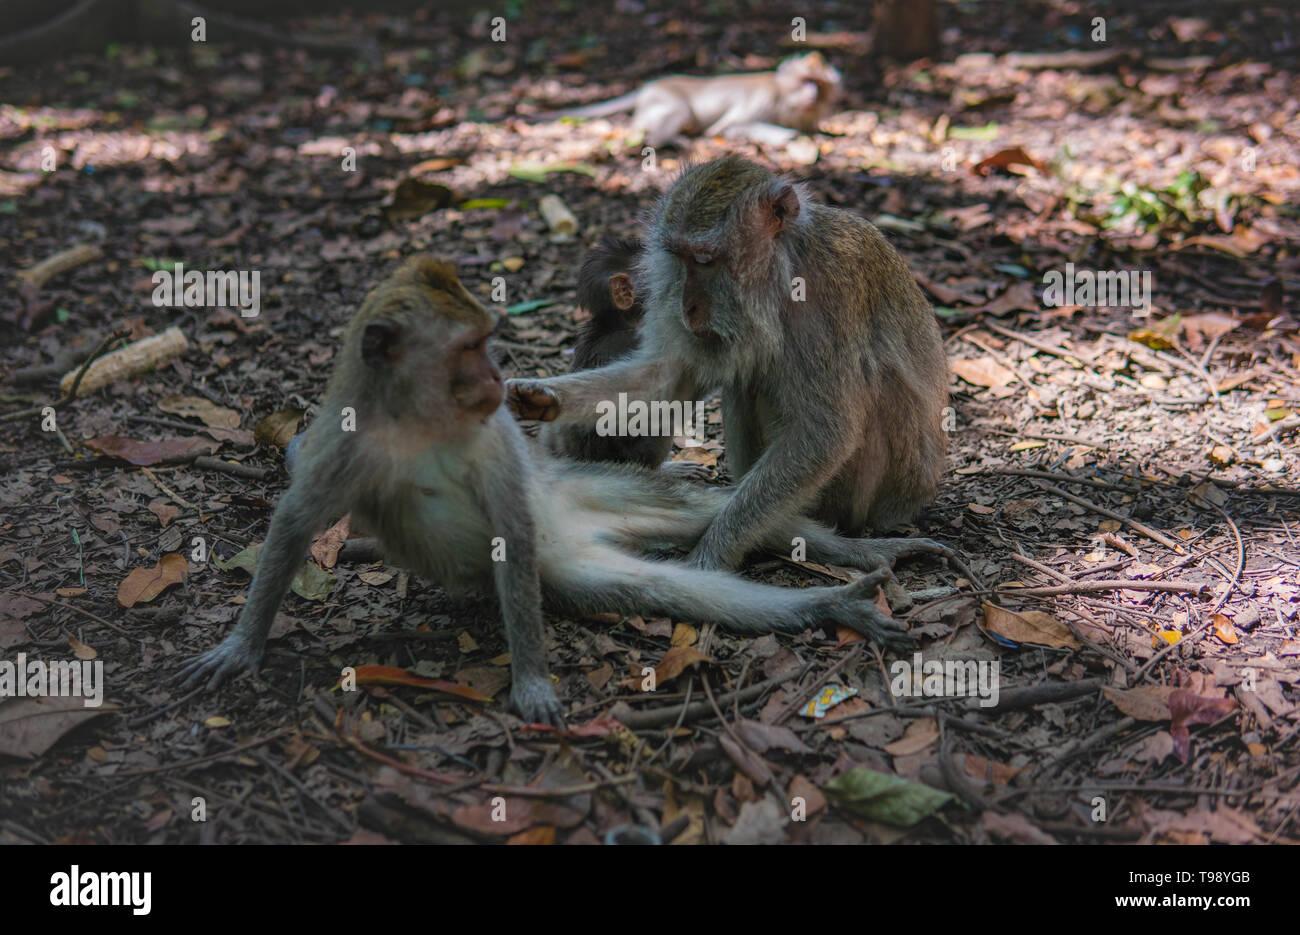 Adult Monkey grooms child monkey in Monkey Forest, Ubud, Bali, Indonesia. - Stock Image